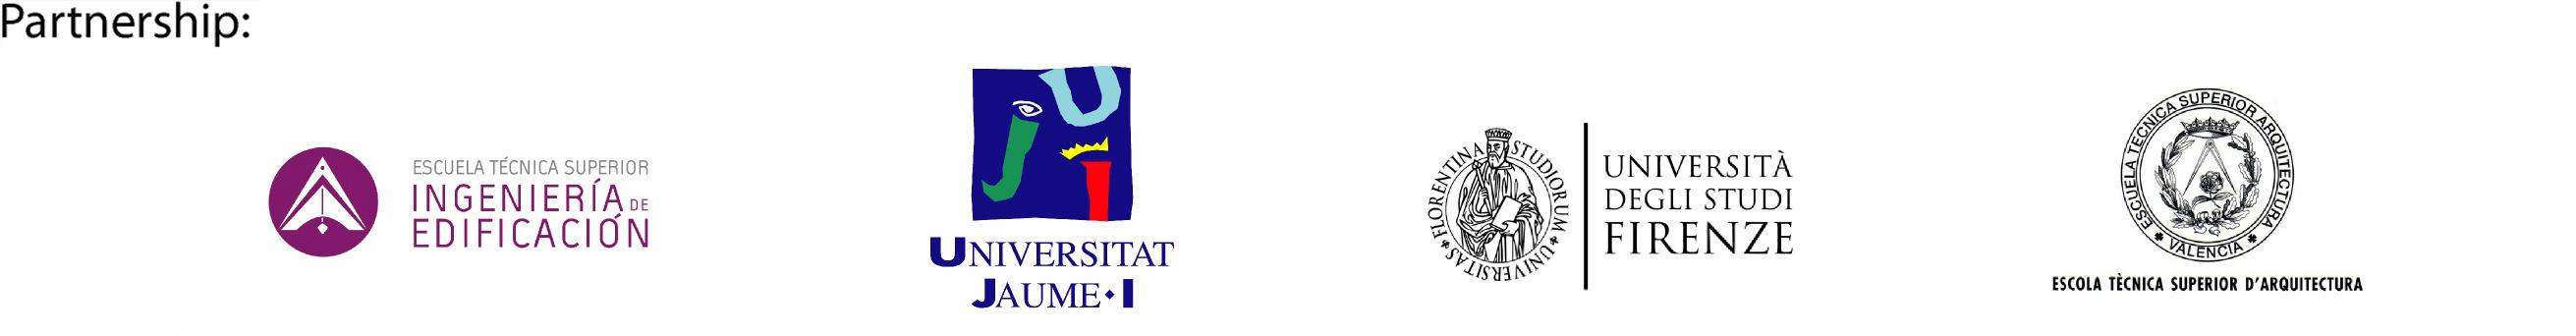 logos partner def2